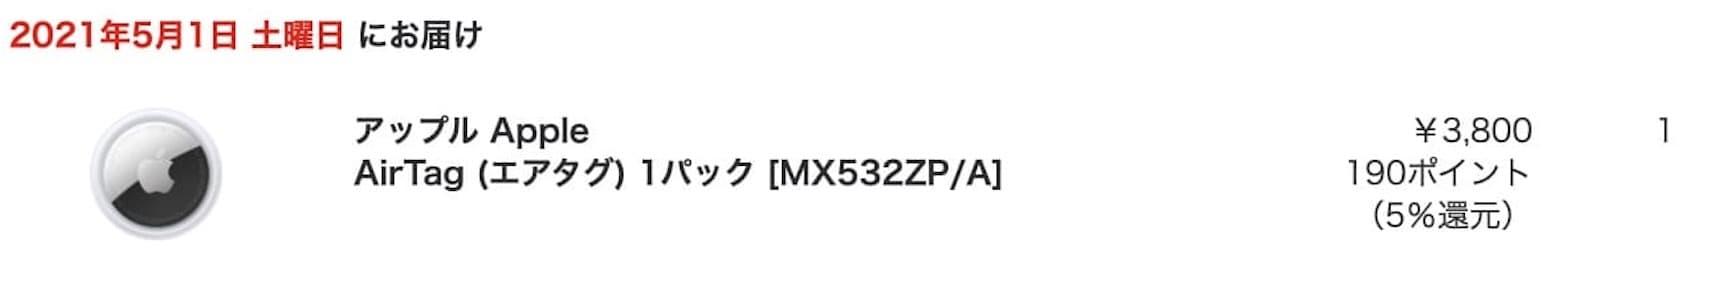 9129c403d2786b237a4ad997c9cff625